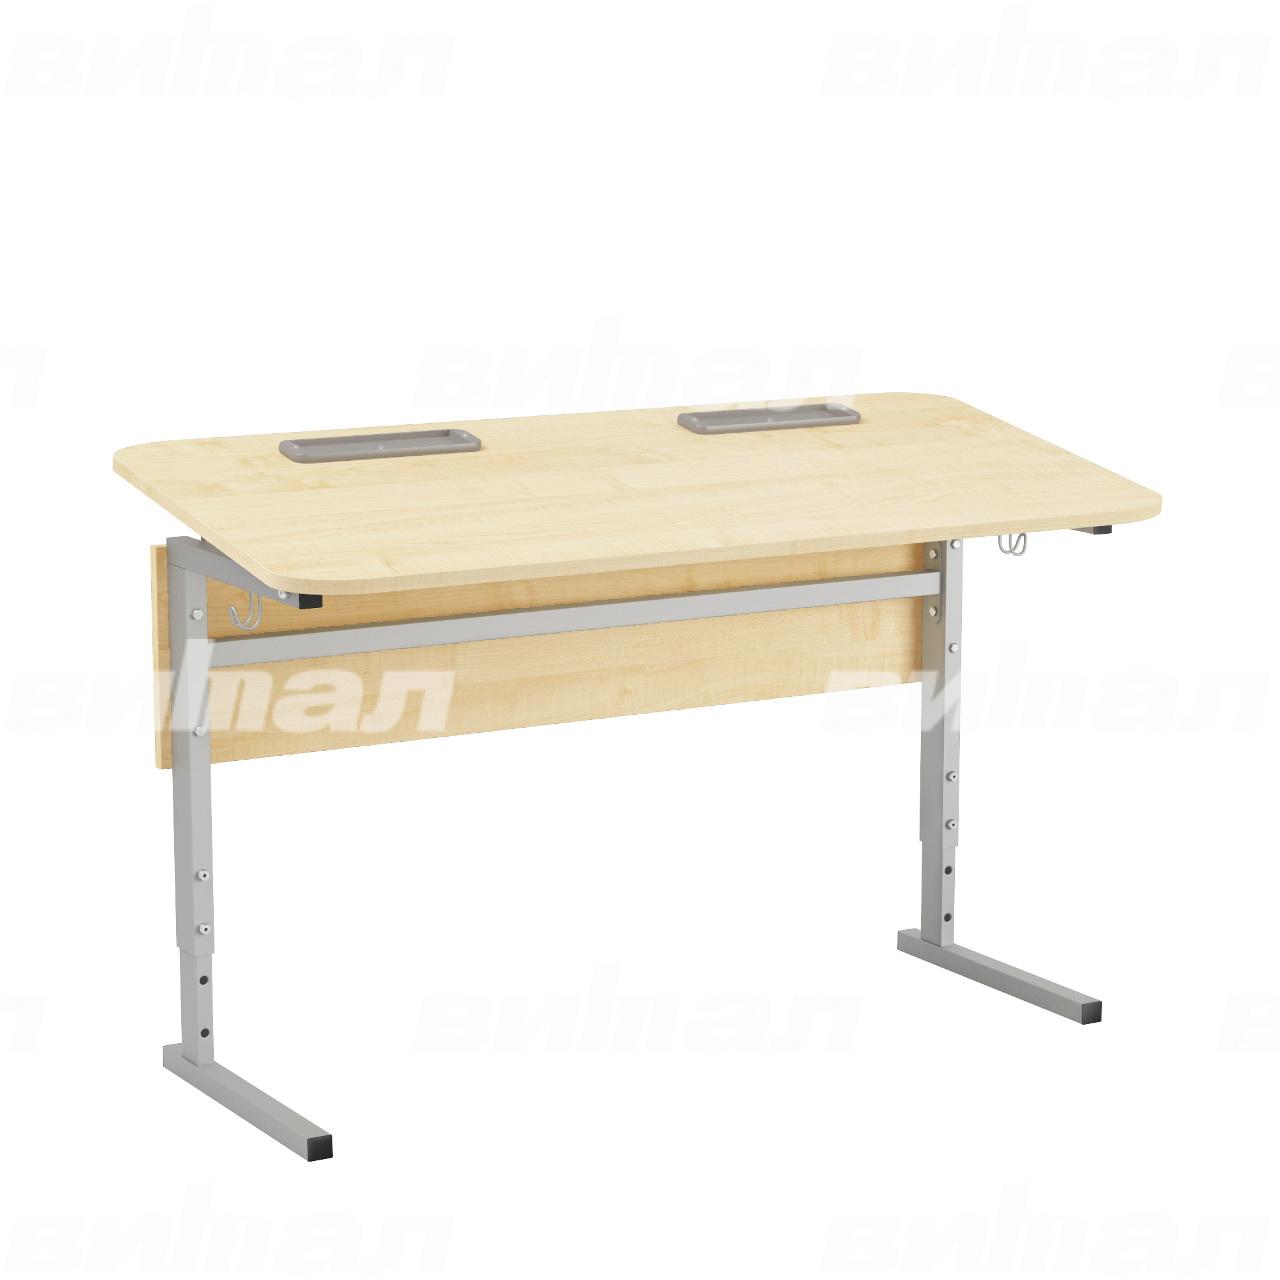 Стол 2-местный регулир. высота и наклон столешницы 0-10° (гр 2-4, 3-5 или 4-6) серый Клен 4-6 Меламин прямоугольная